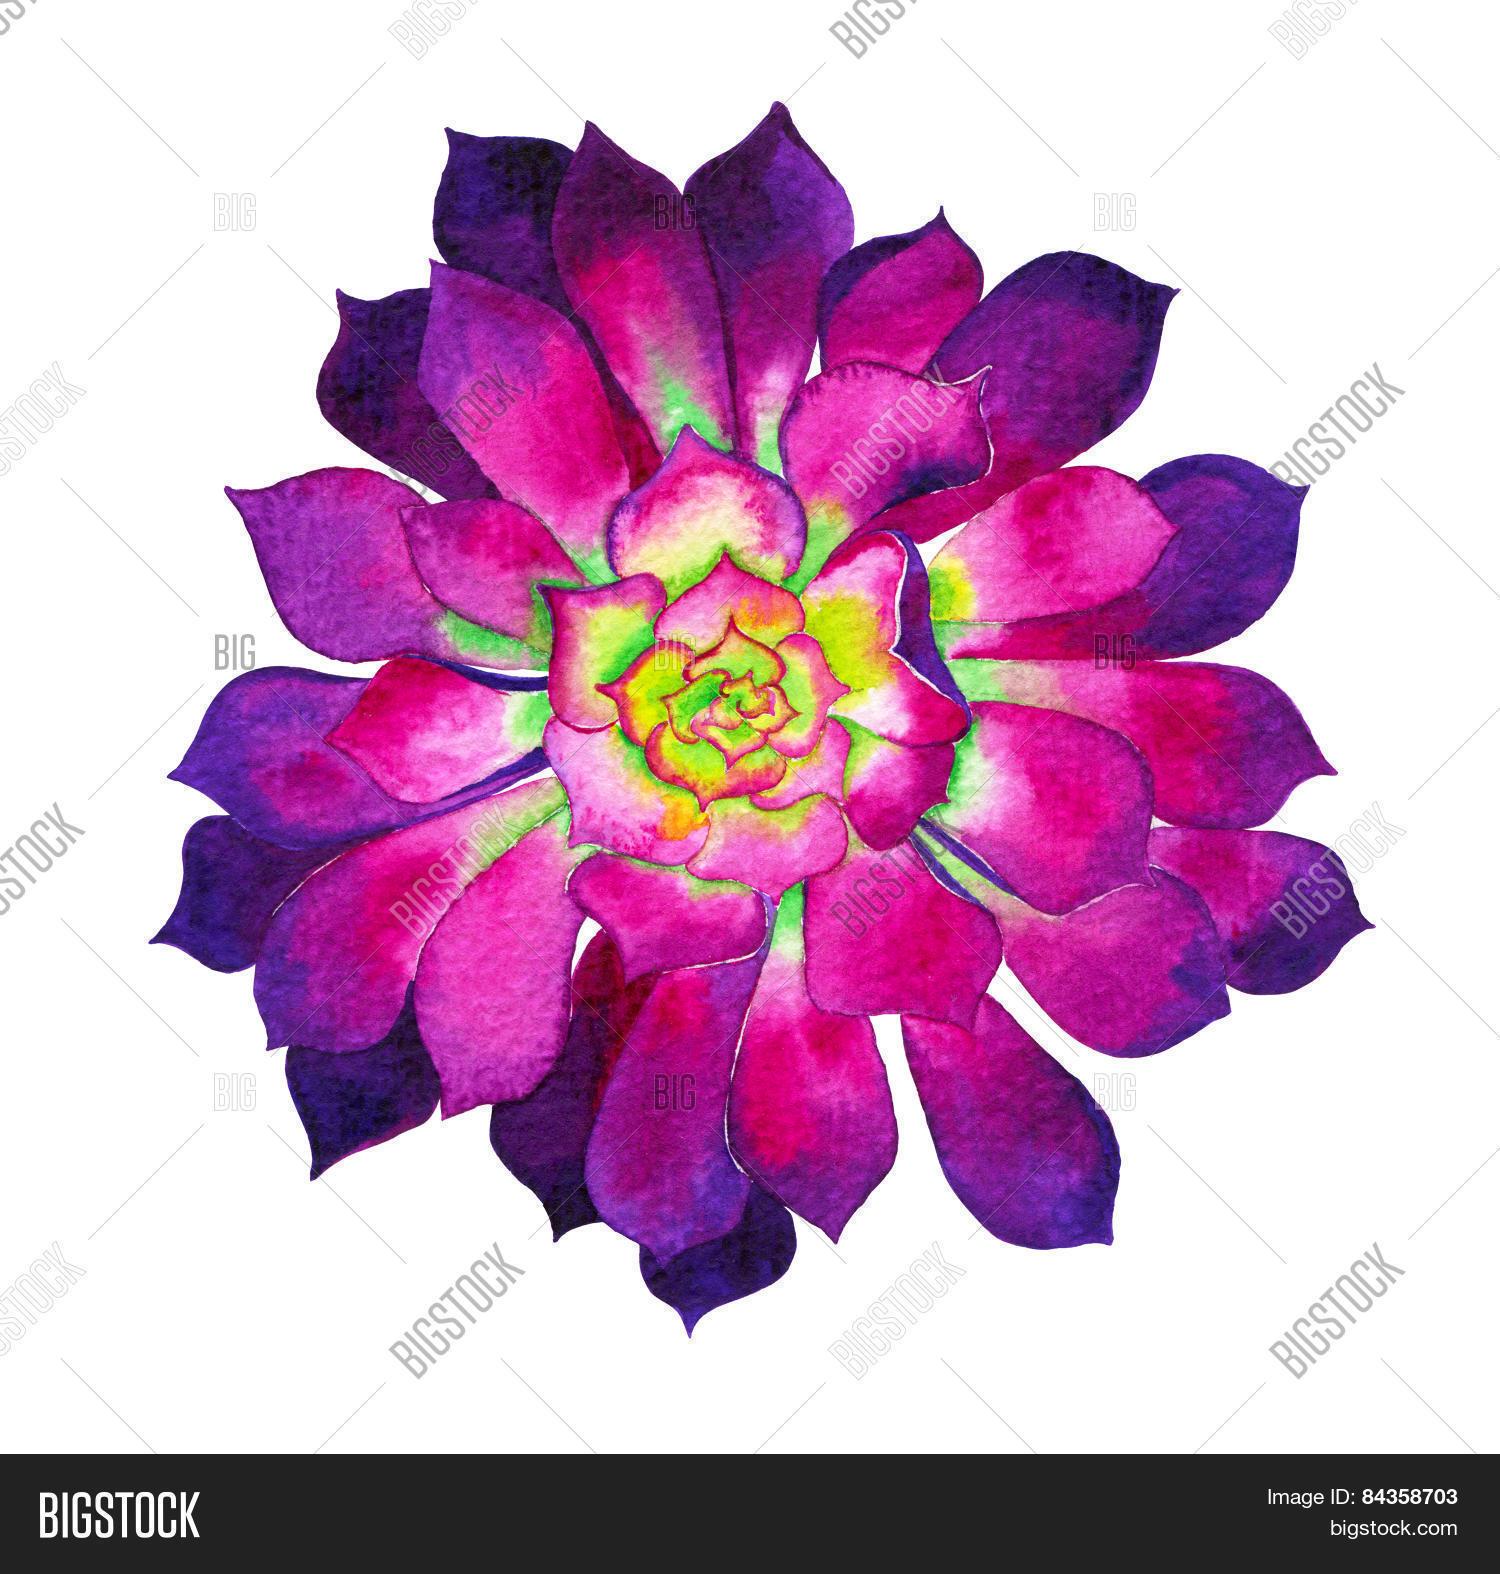 Watercolor Illustration Of A Aeonium Cactus Flower